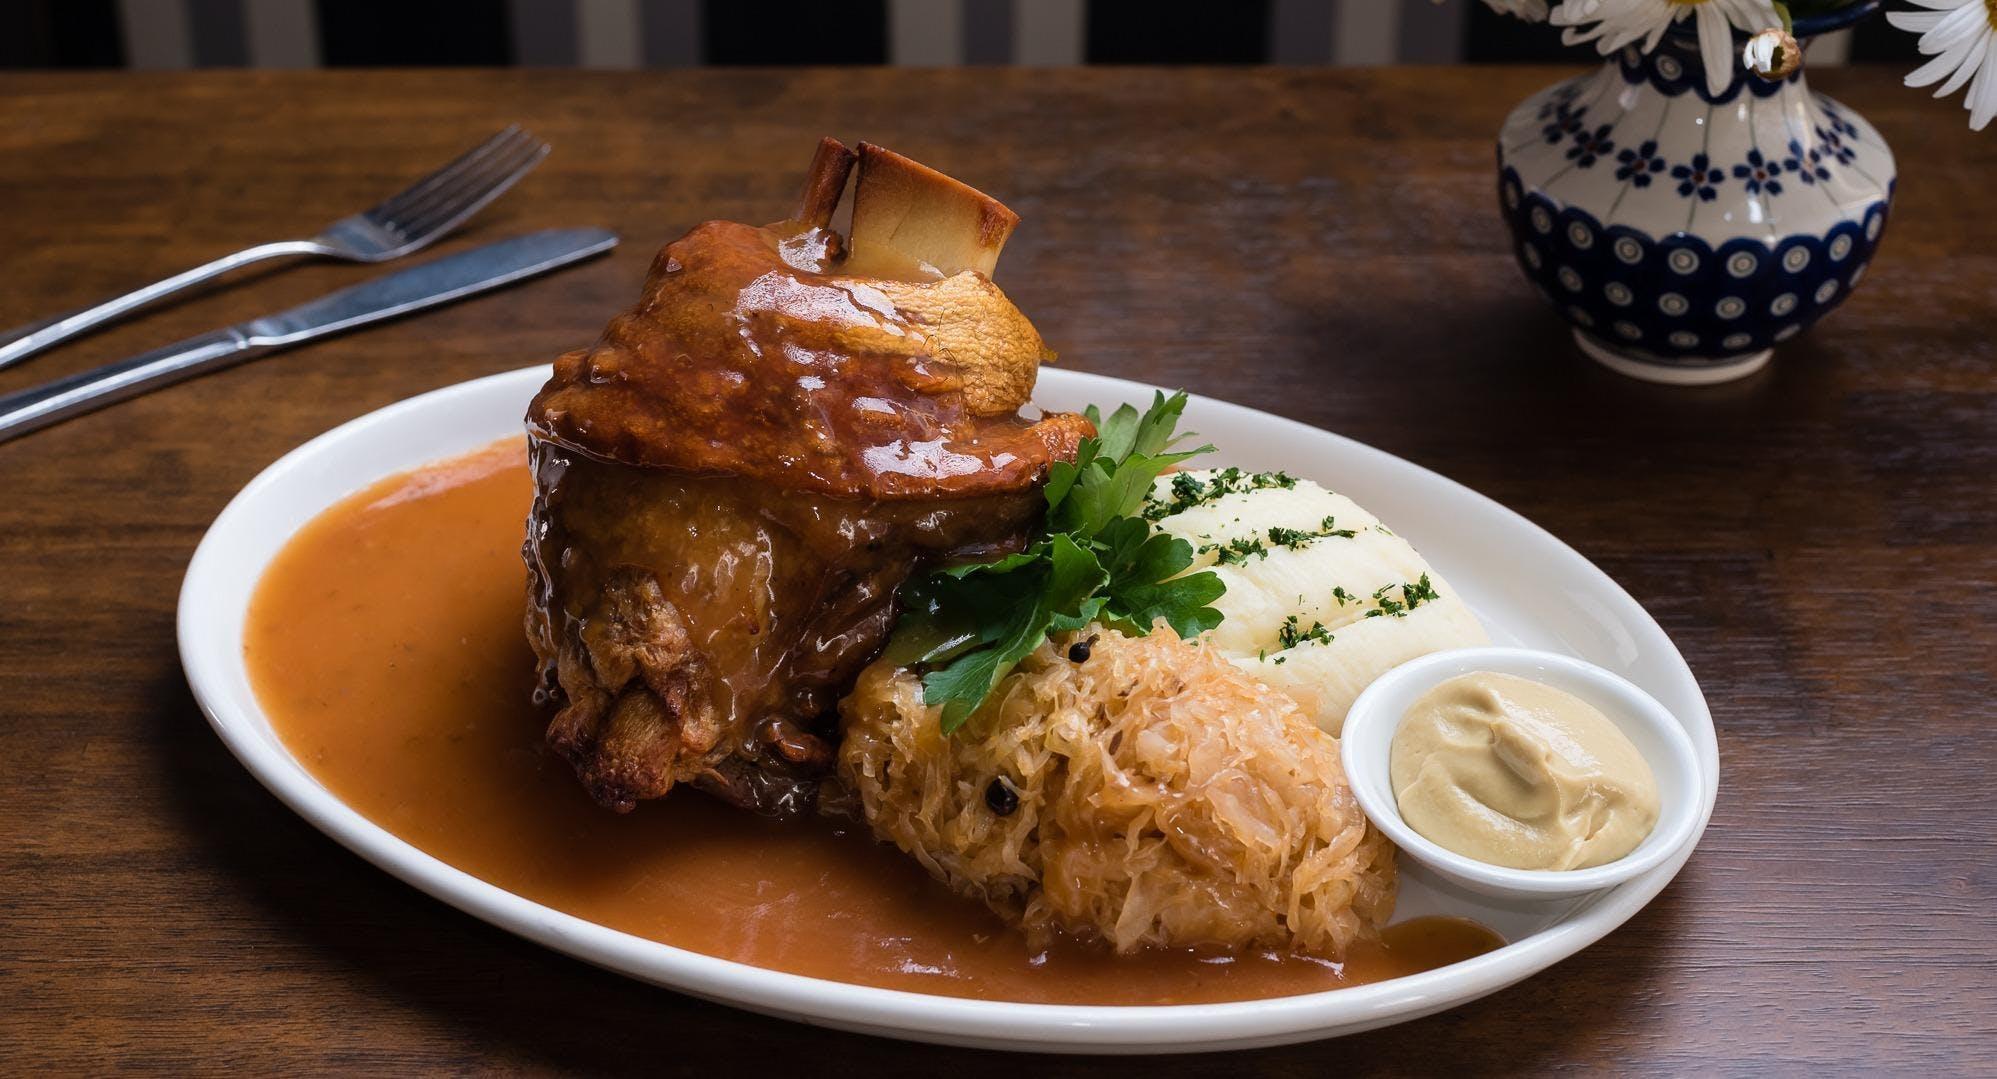 Photo of restaurant Sto Lat in Ashfield, Sydney